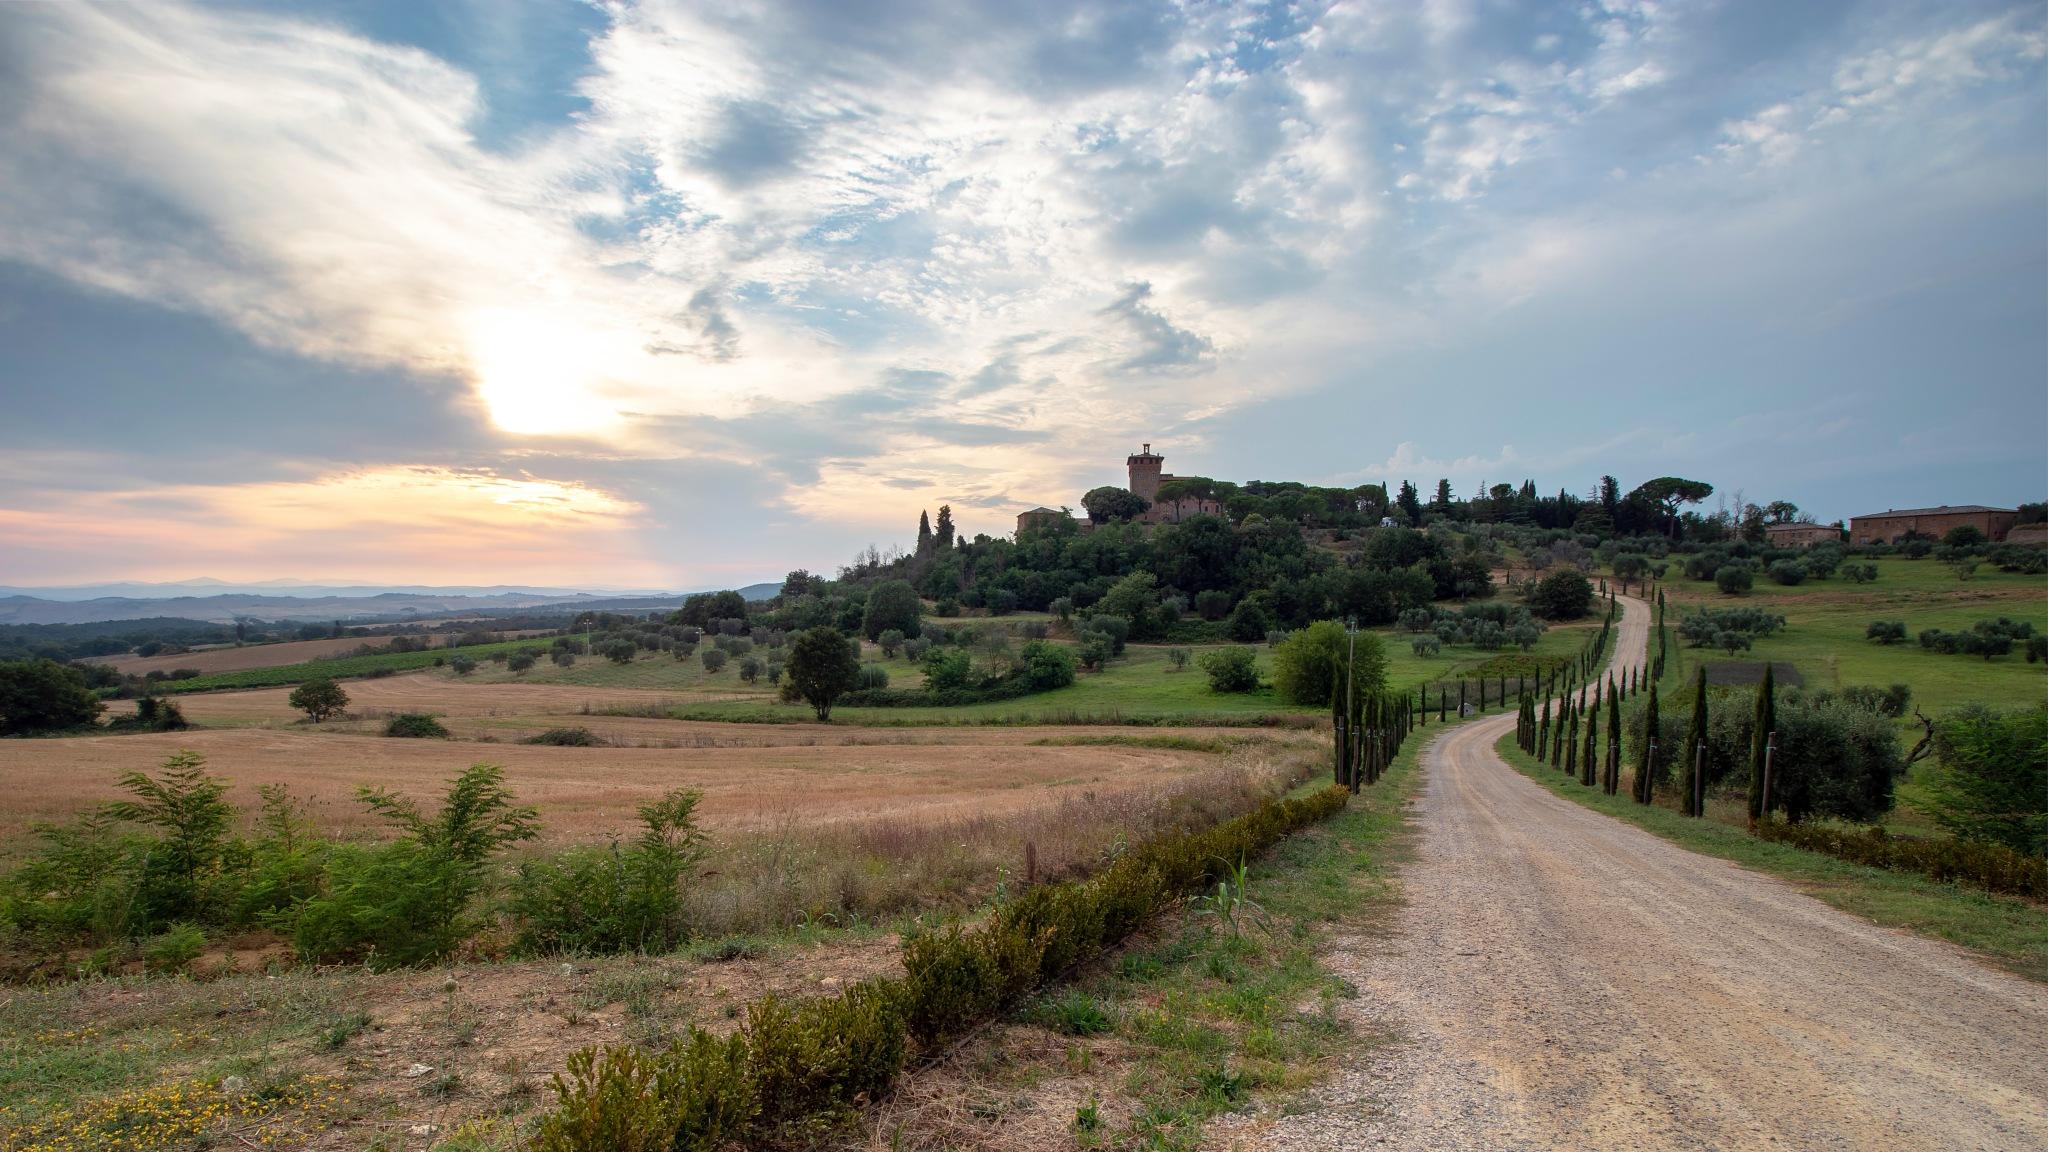 Tuscany, Italy #1 by Paweł